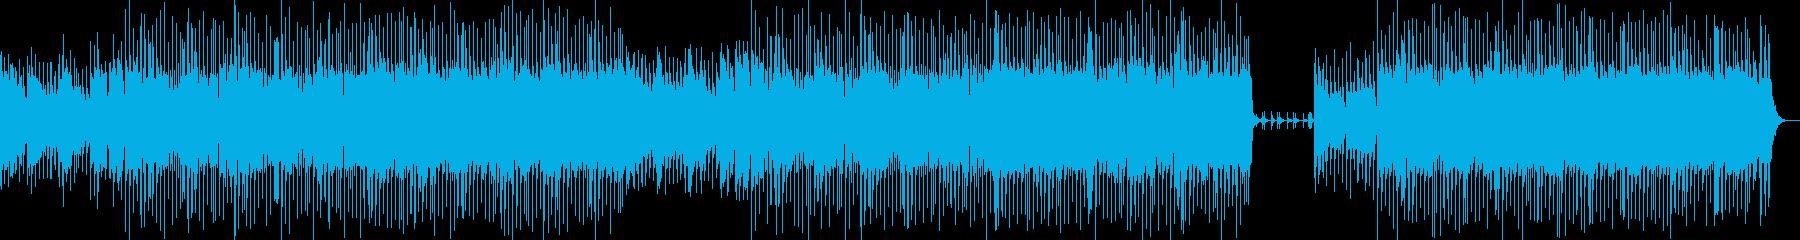 ポップ 。レム。の再生済みの波形